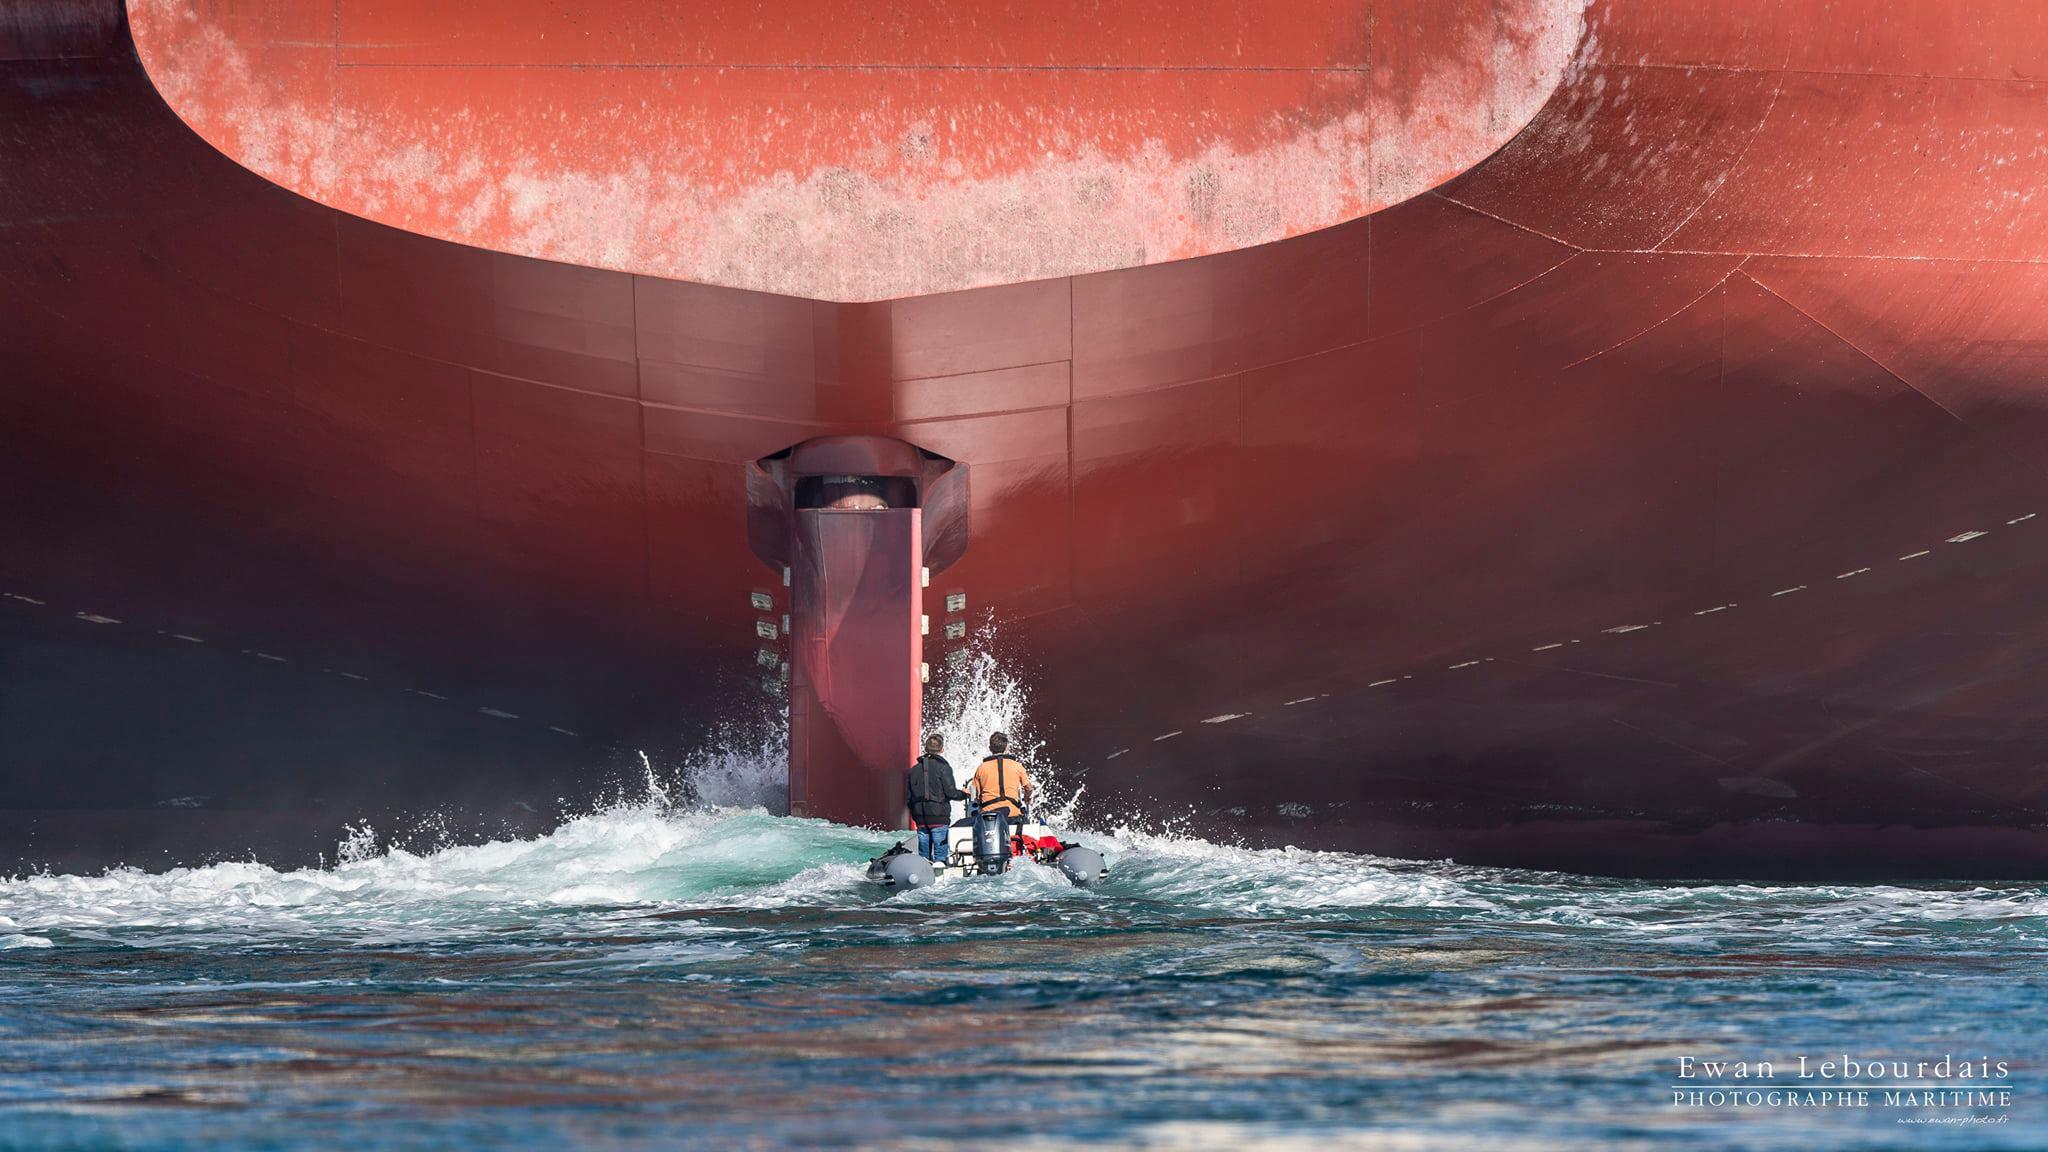 11 octobre 2020 - Rear tug - © Ewan Le Bourdais